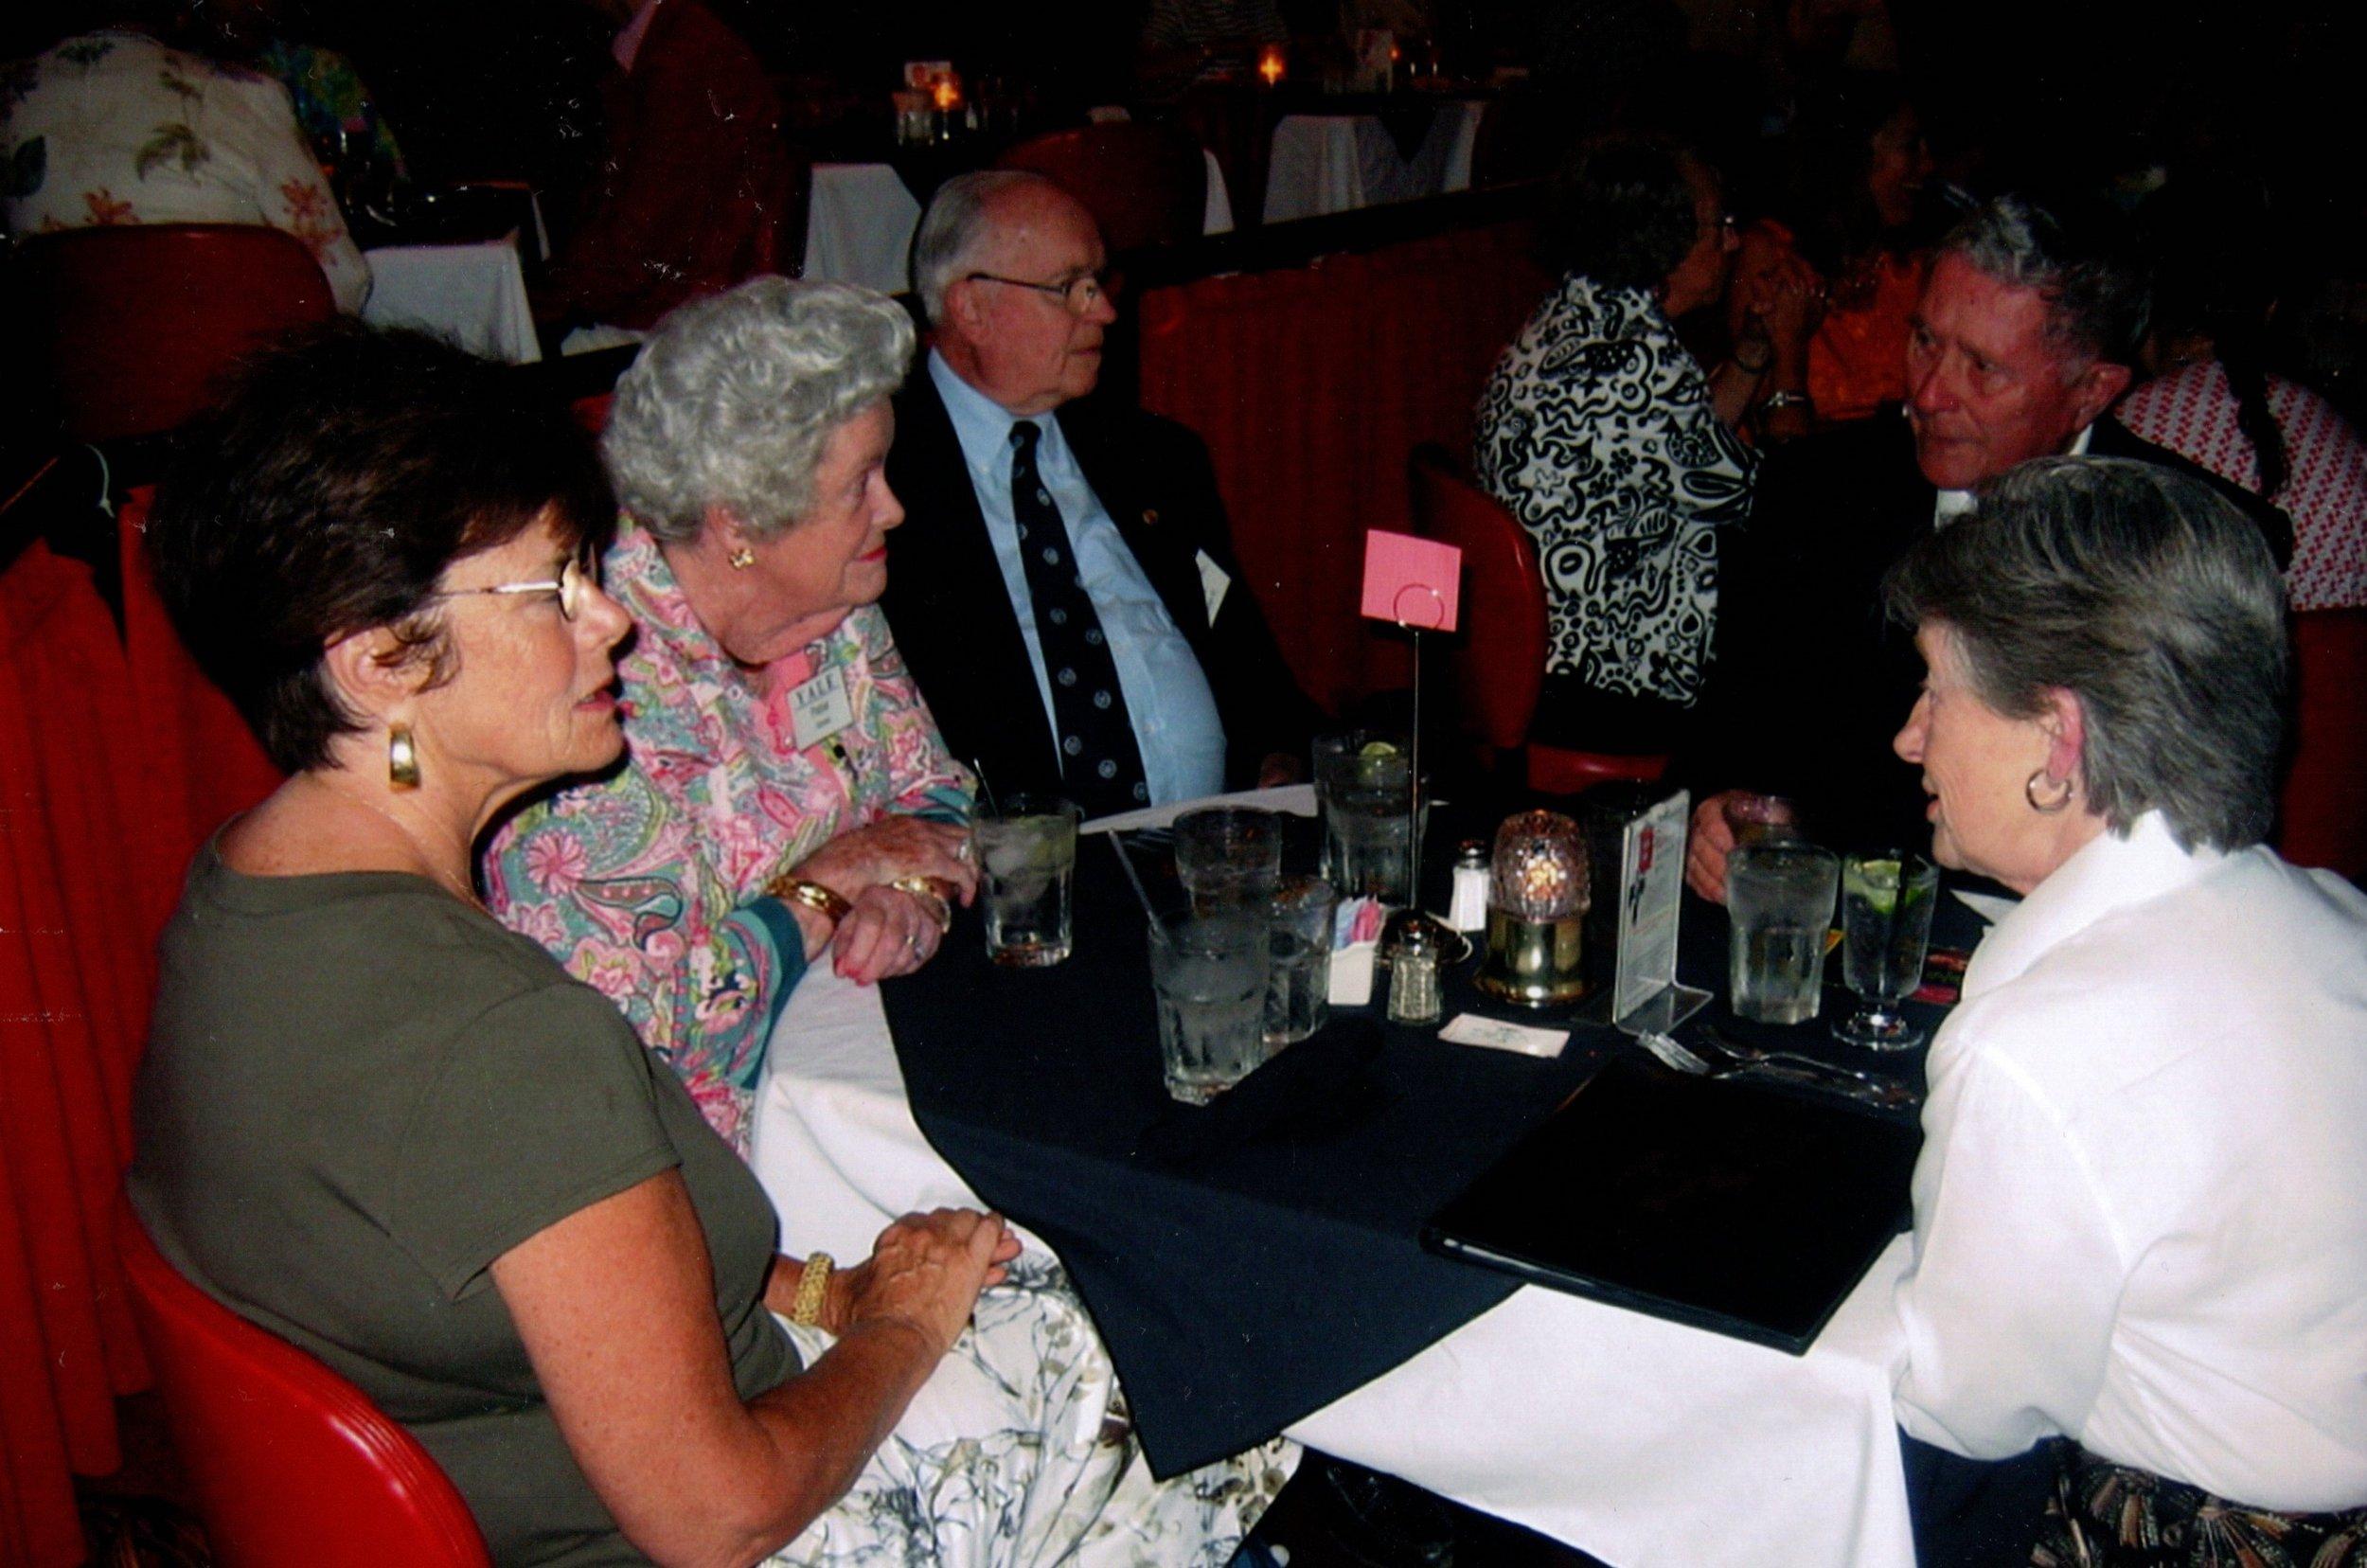 4_5_2007 - NAPLES DINNER THEATER 3.jpg